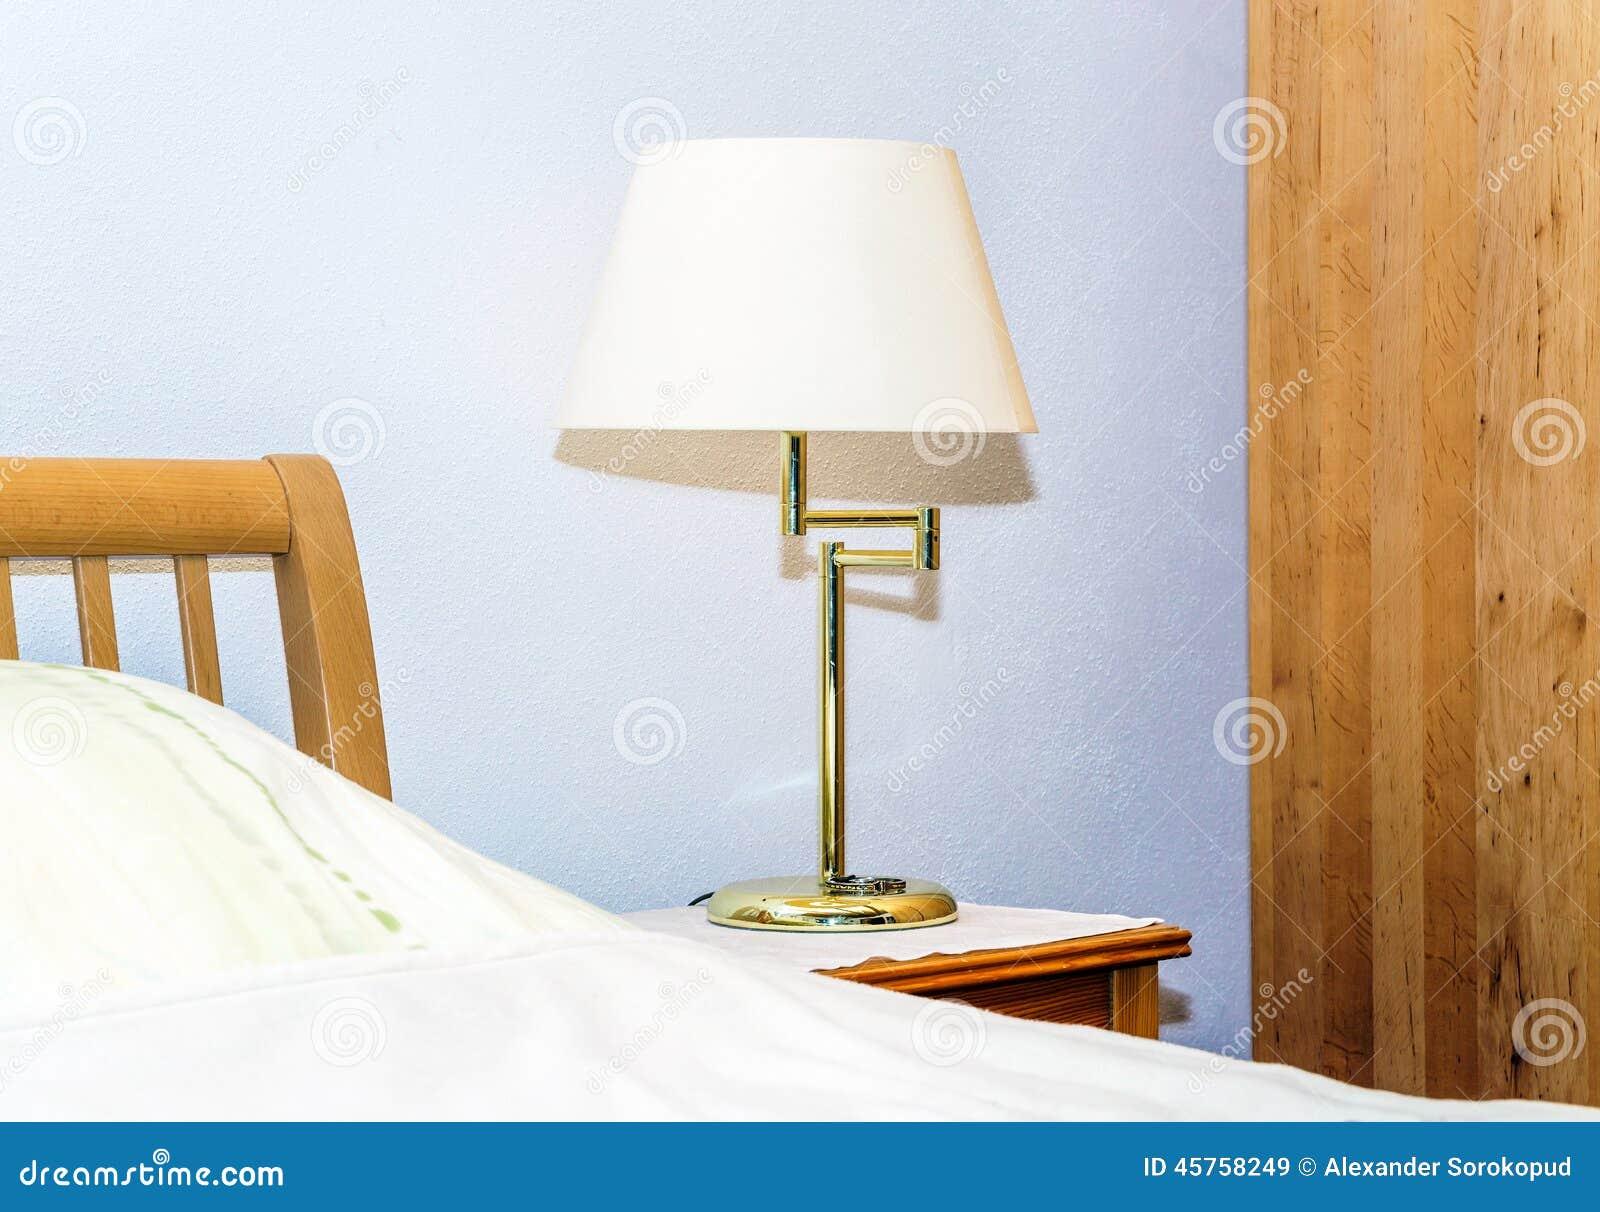 Lamp In Bedroom Single Night Lamp In Bedroom Stock Photo Image 45758249